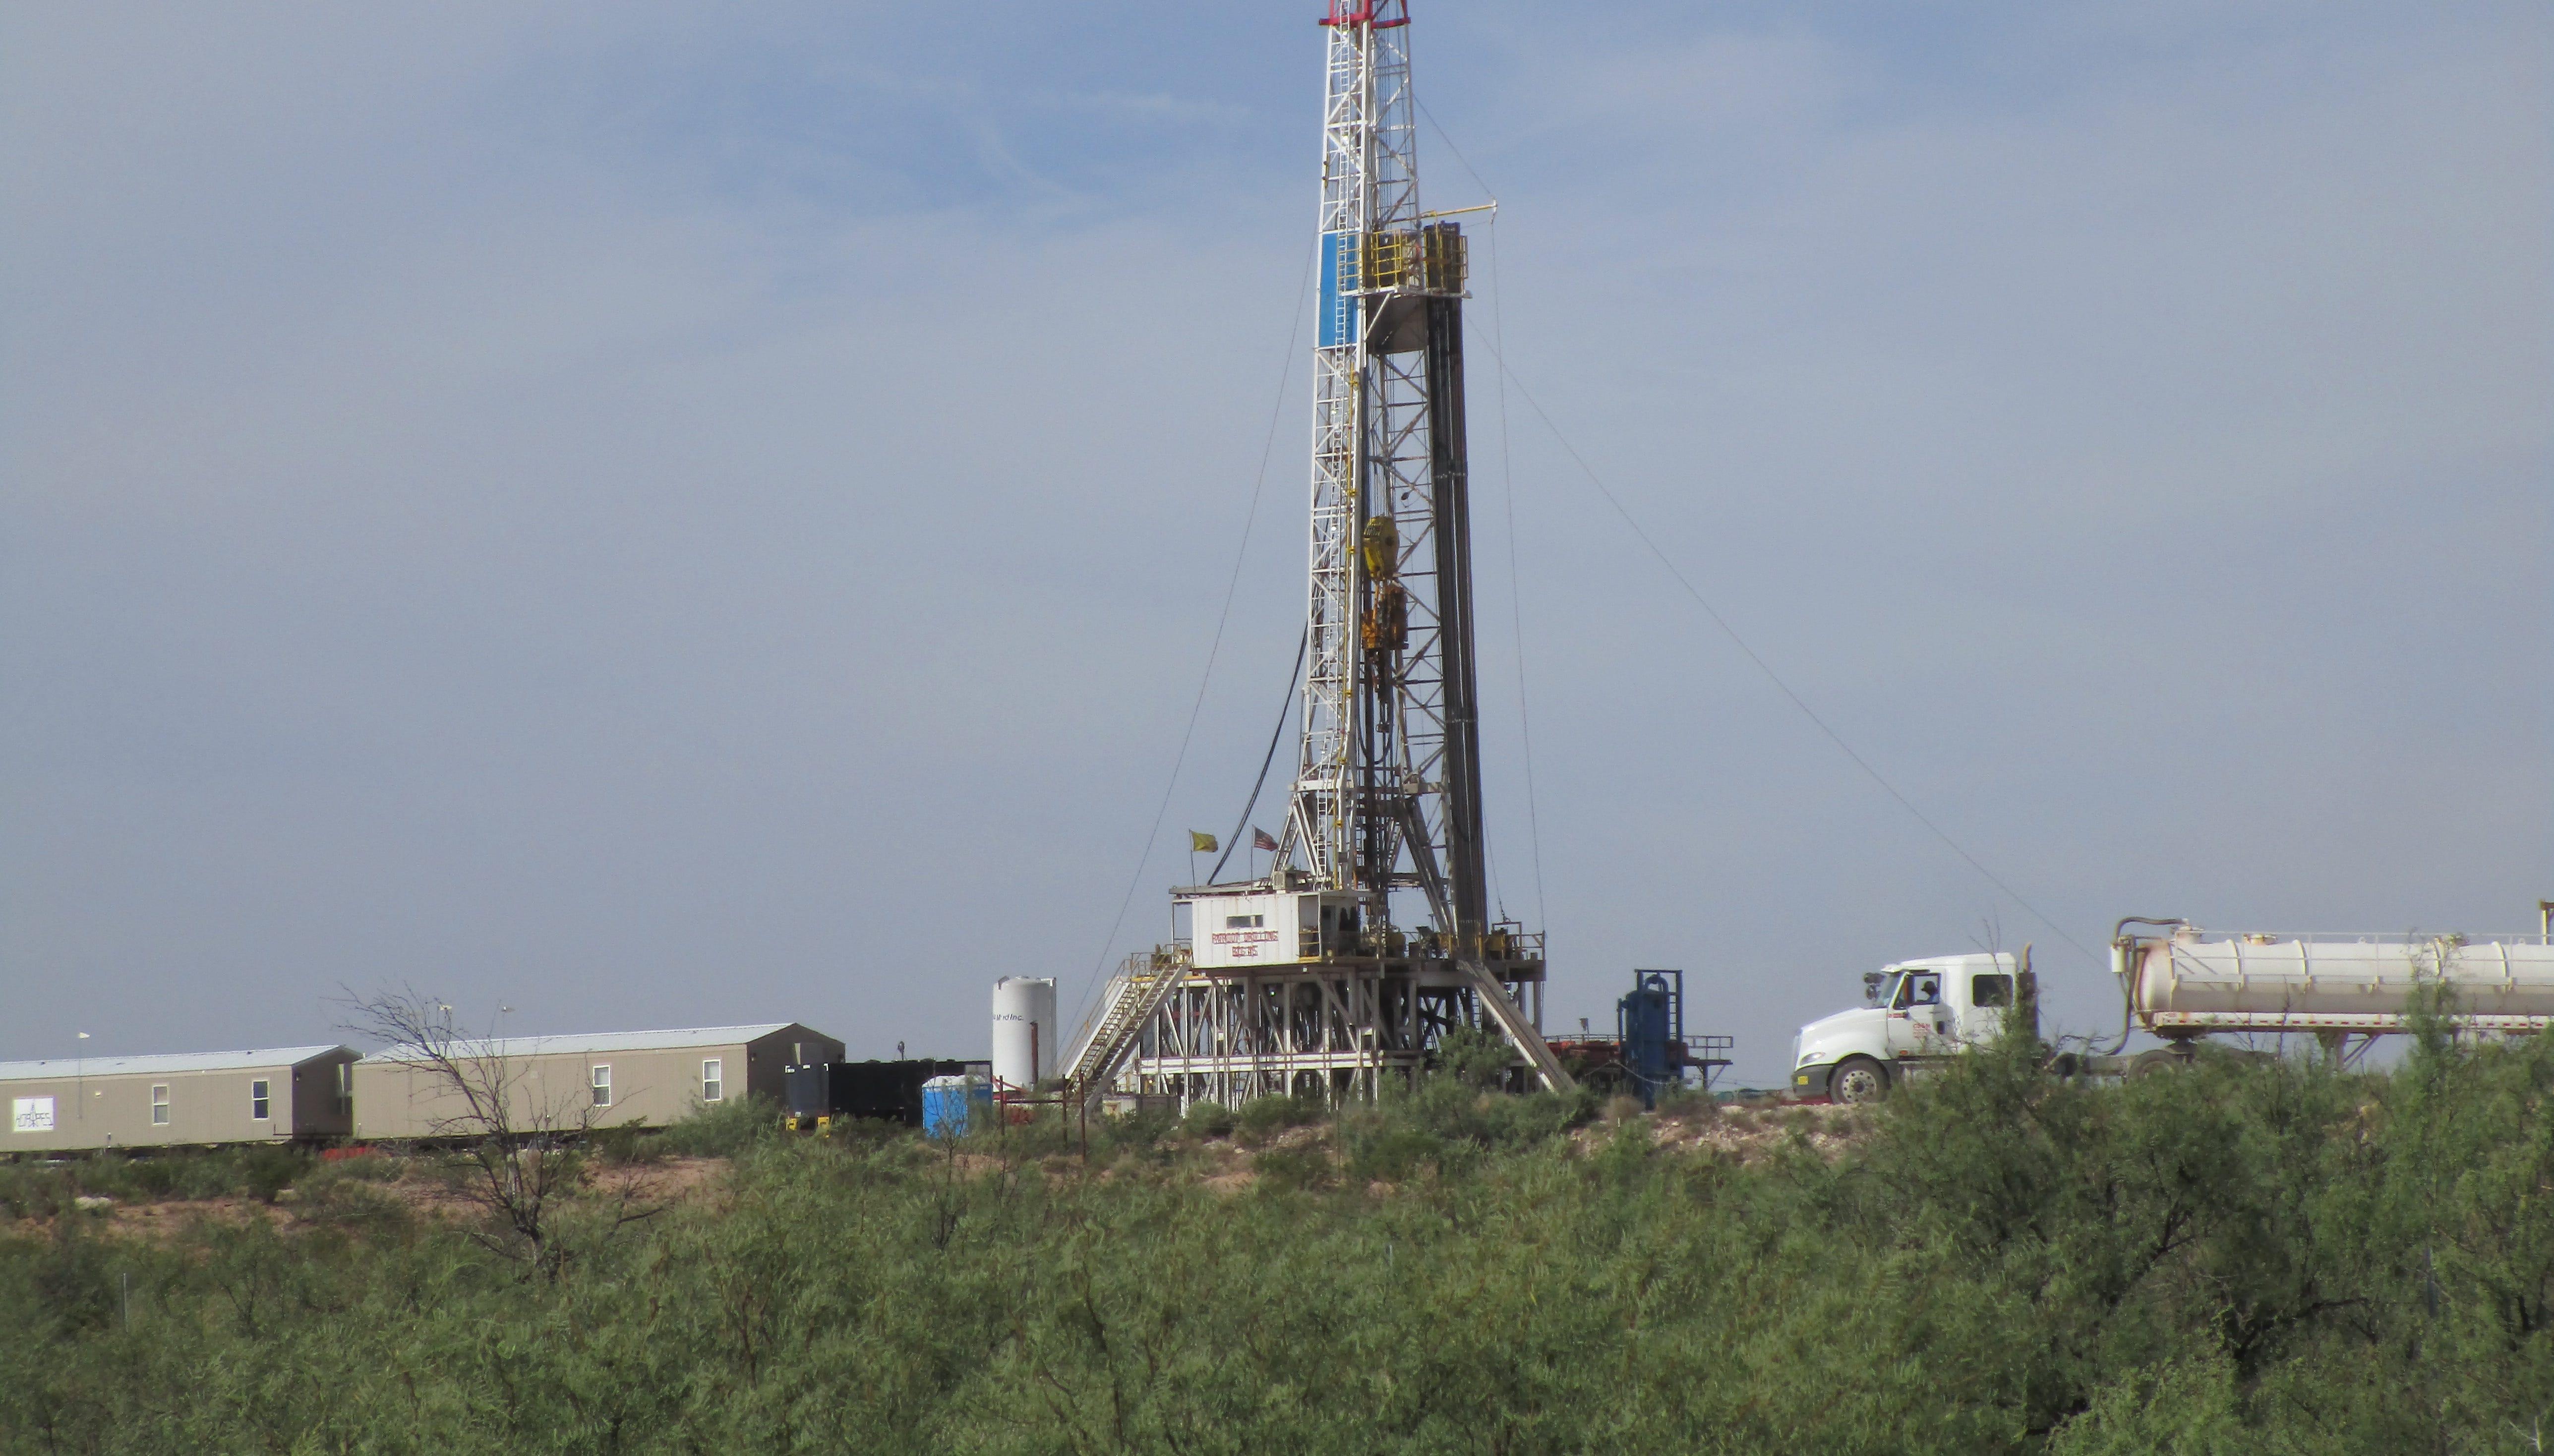 Patriot #5 drilling rig.